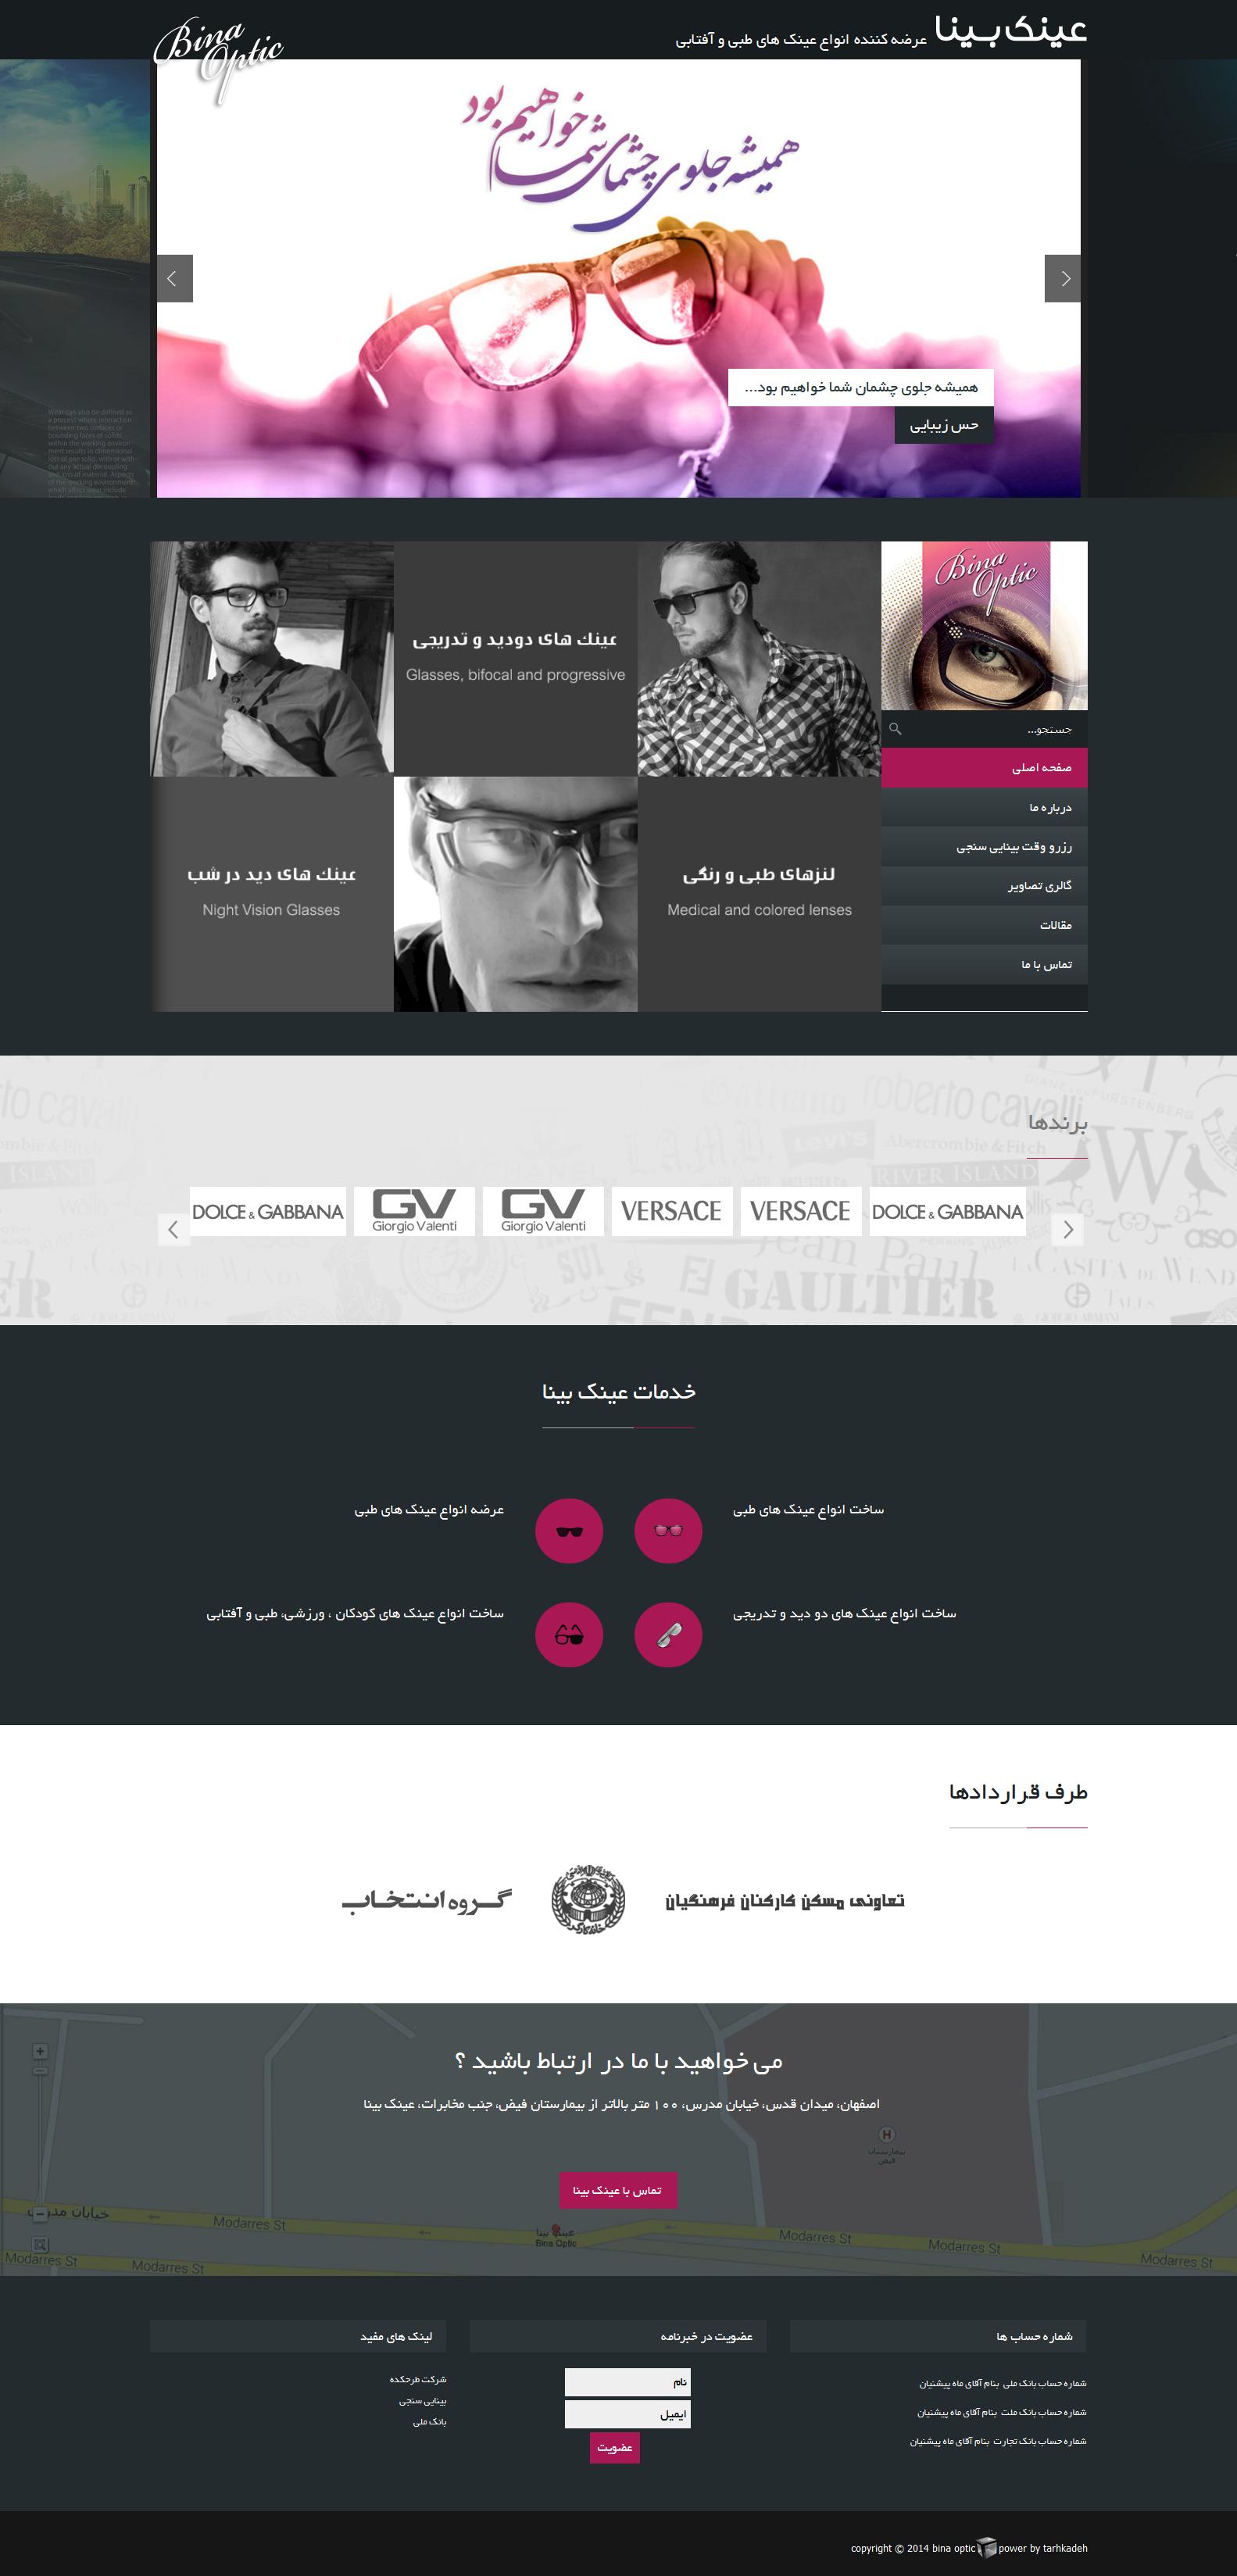 طراحی وب سایت عینک بینا توسط گروه طراحی وب سایت طرحکده در اصفهان www.tarhkadeh.com